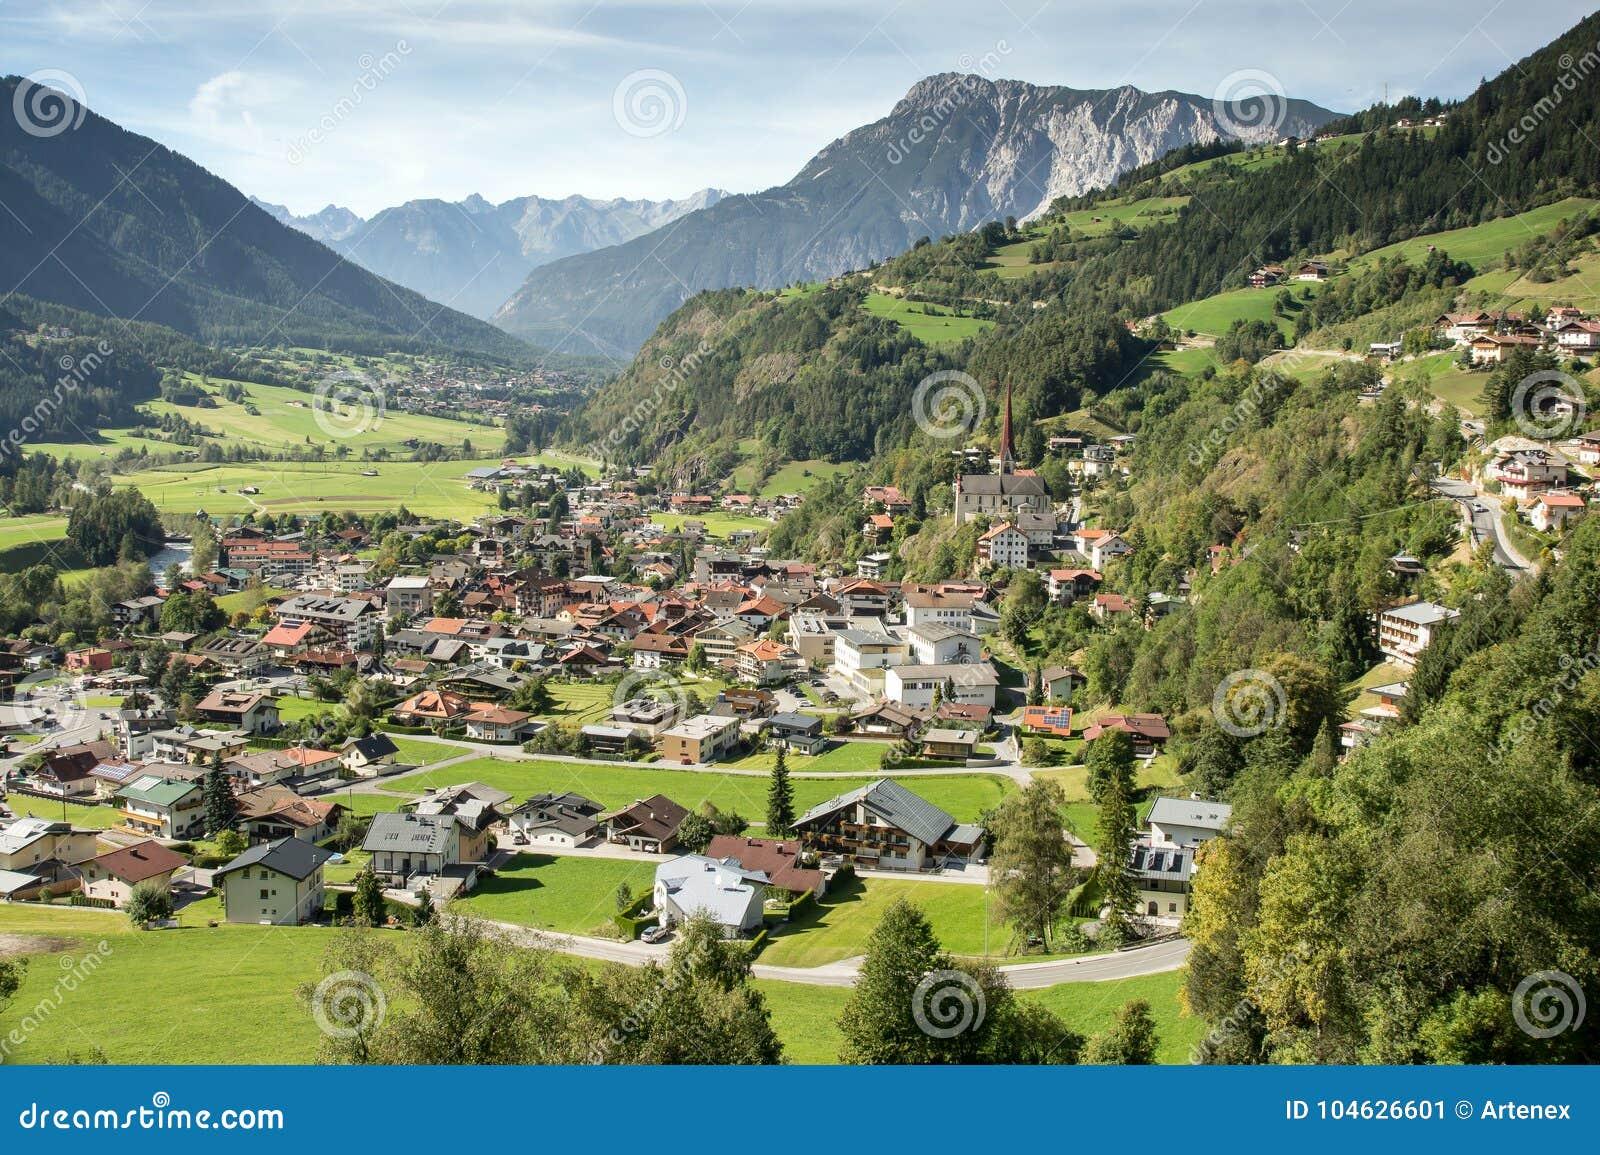 Download Bergen, Vallei En Piekenlandschap, Natuurlijk Milieu Wandeling In De Alpen Stock Afbeelding - Afbeelding bestaande uit toneel, huizen: 104626601